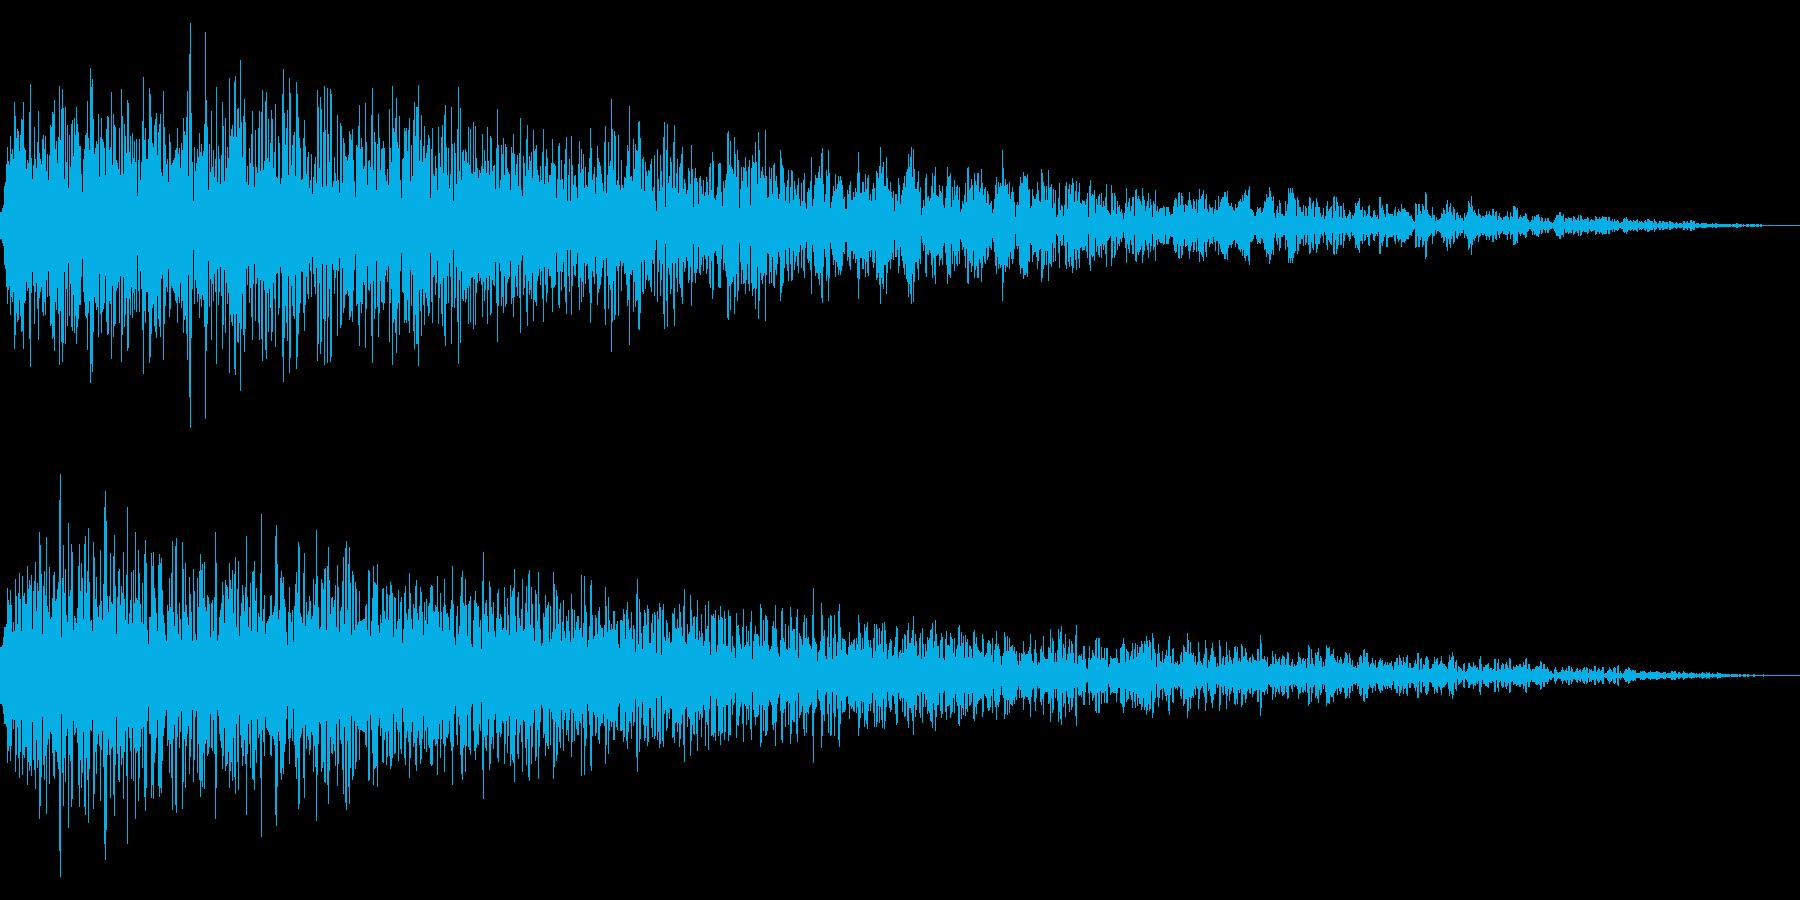 ホラー系アタック音63の再生済みの波形